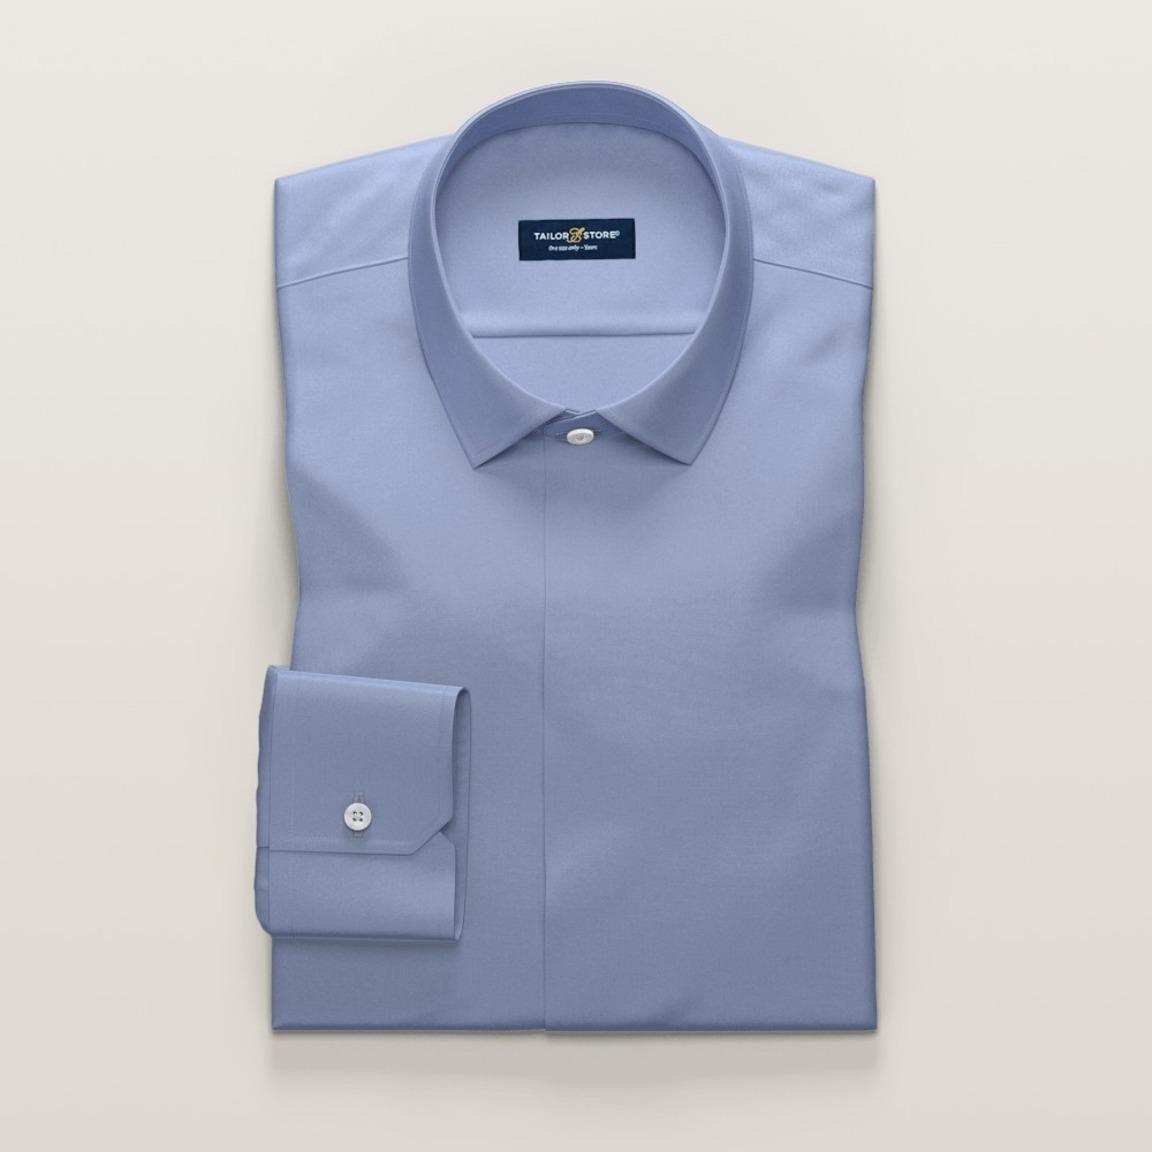 Blue women's shirt